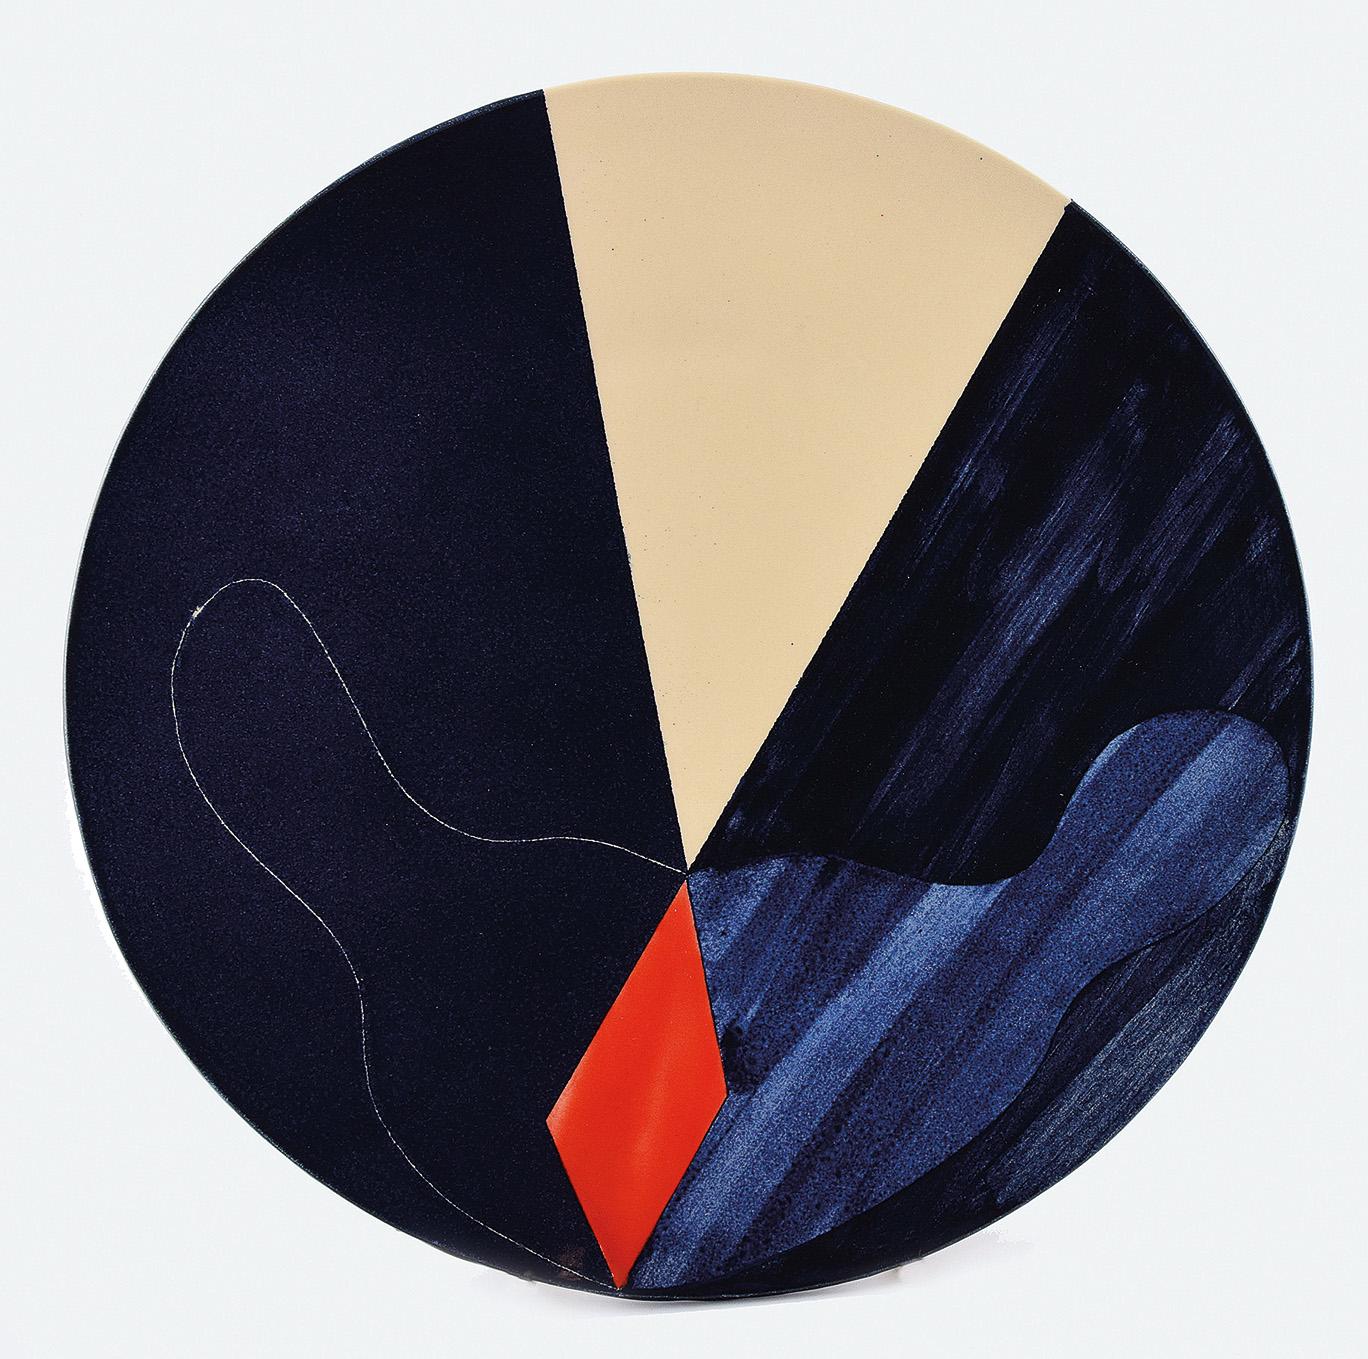 Talerz dekoracyjny - A215, 2018